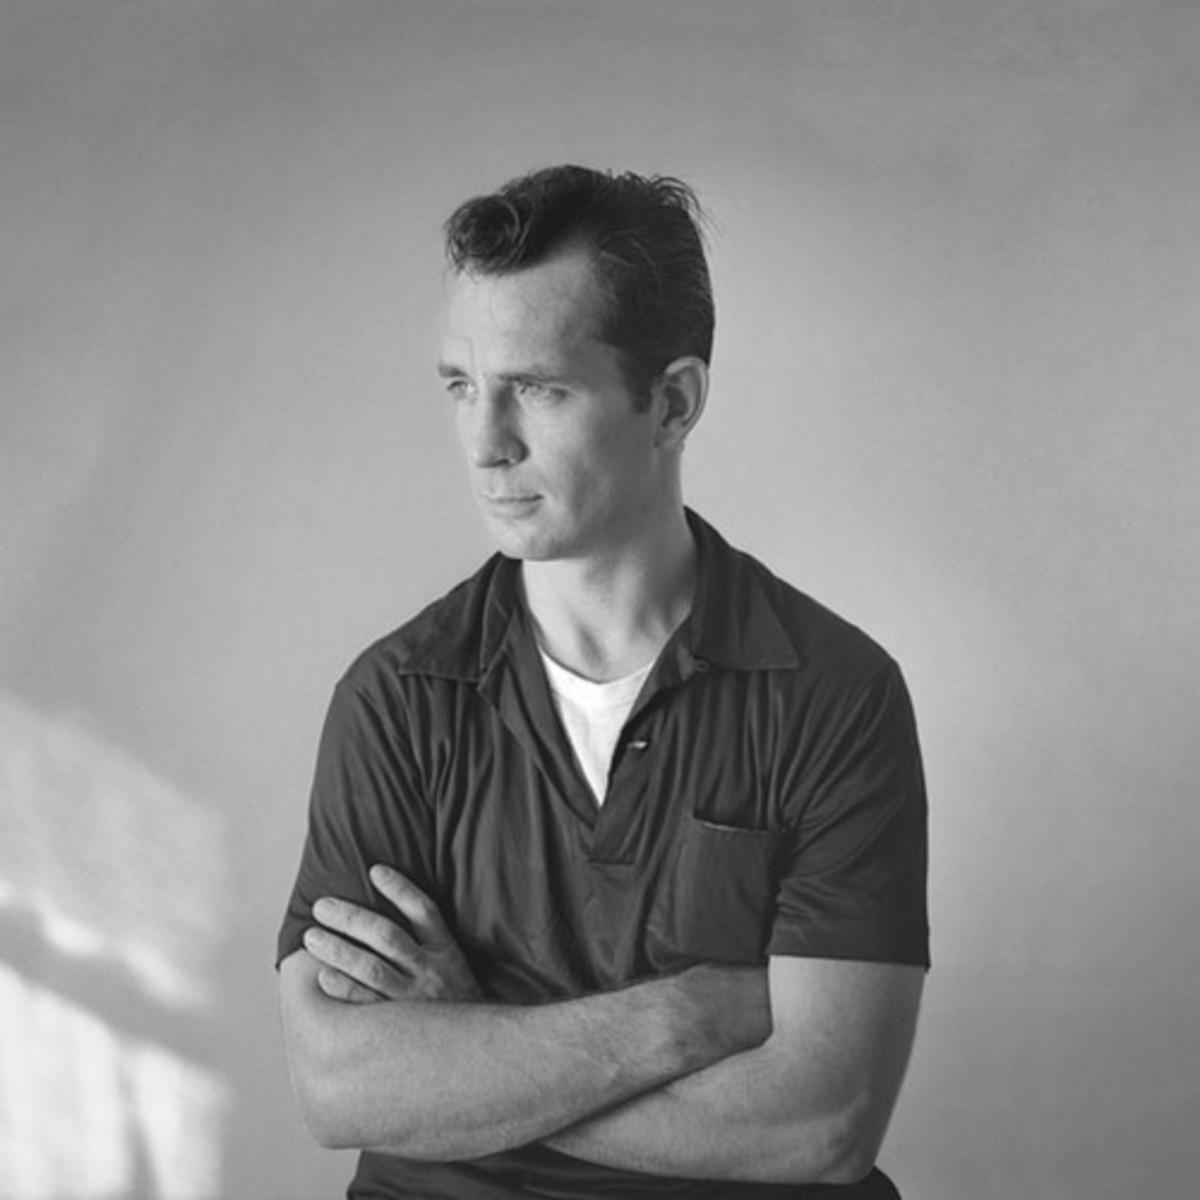 Jack Kerouac in 1956